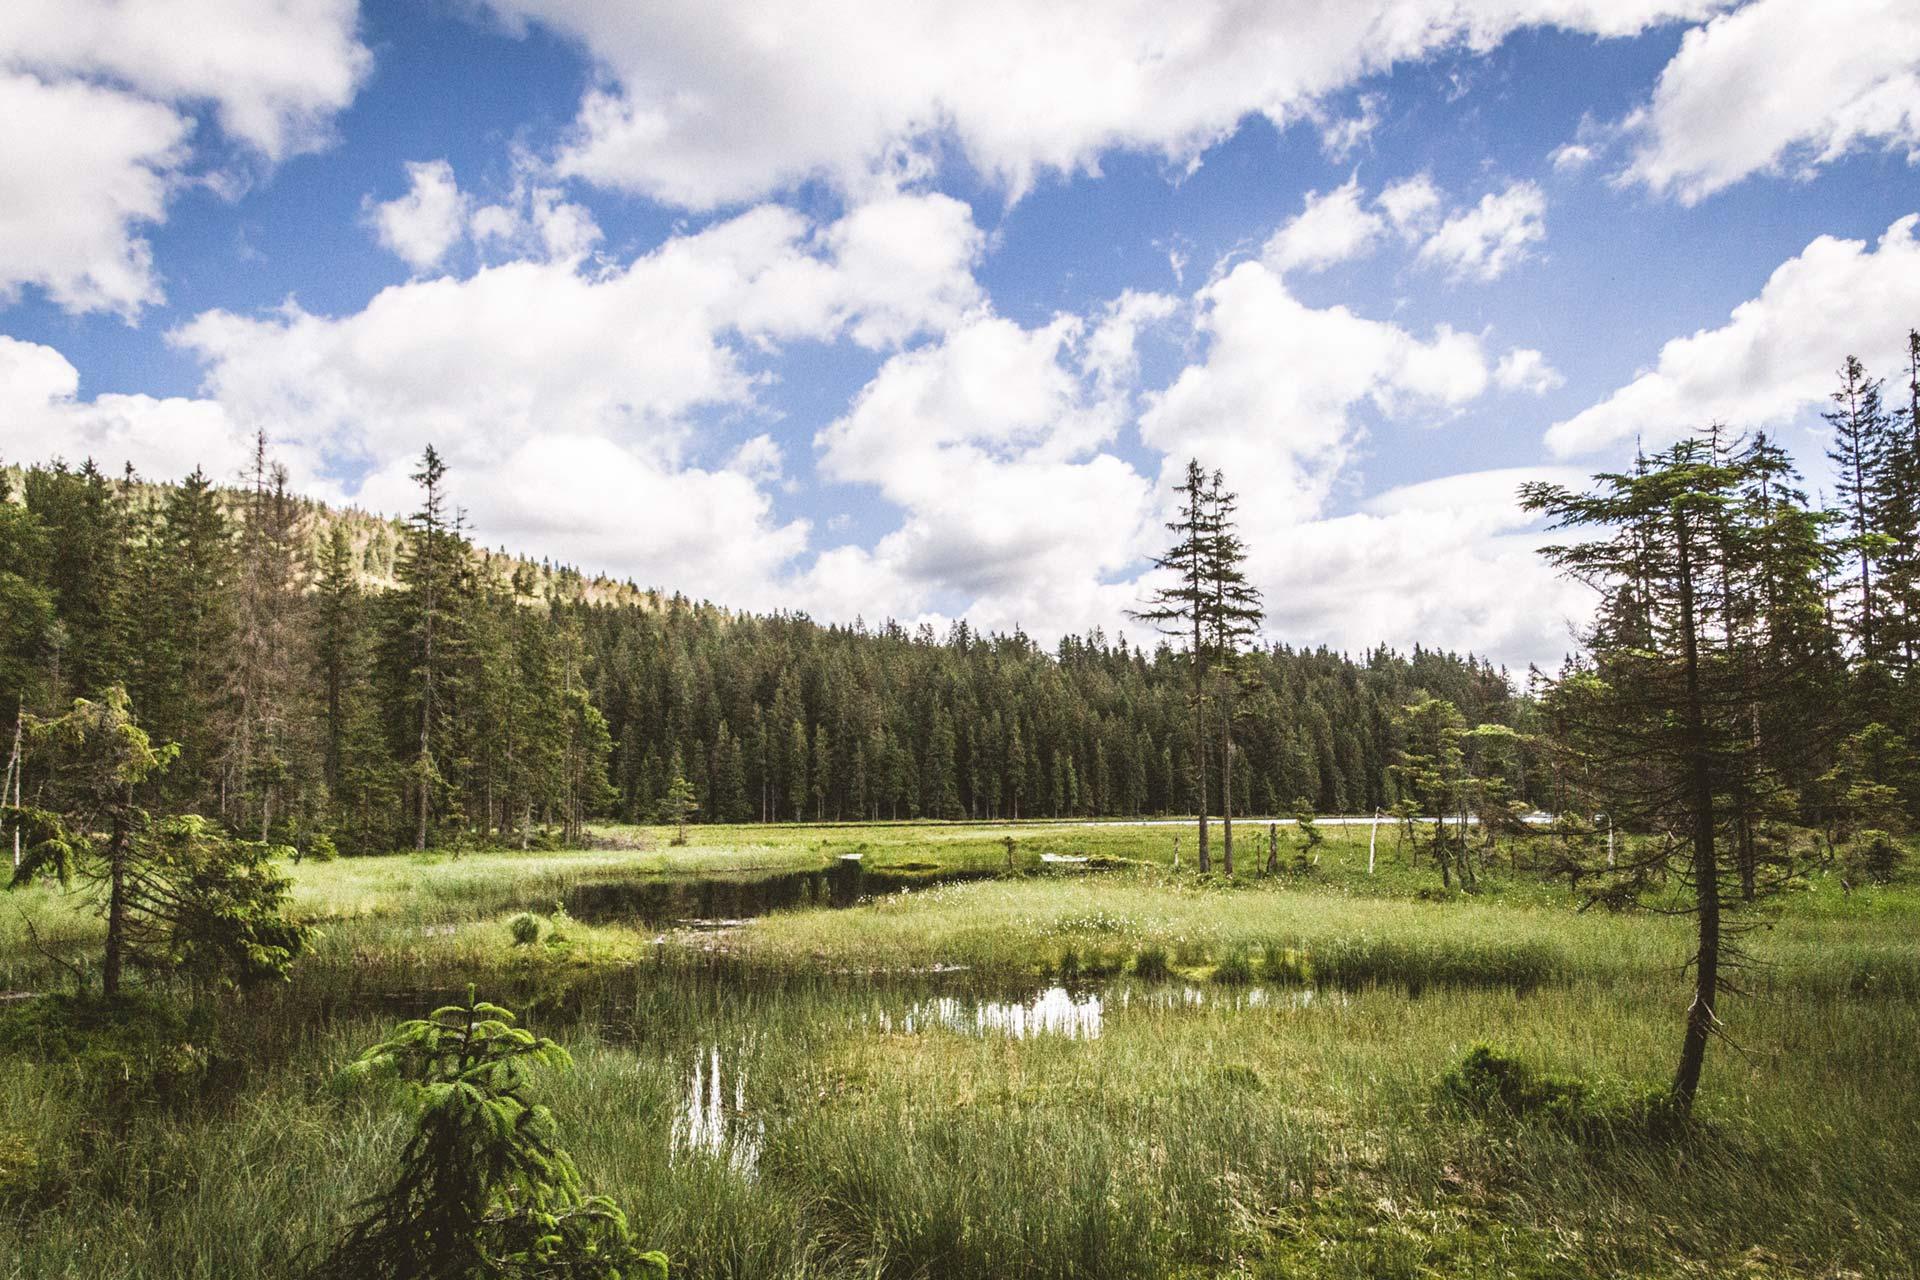 Fürs Warmlaufen oder Spaziergehen – eine Umrundung des Großen Arbersees verspricht Brandenburger Eindrücke im Bayerischen Wald